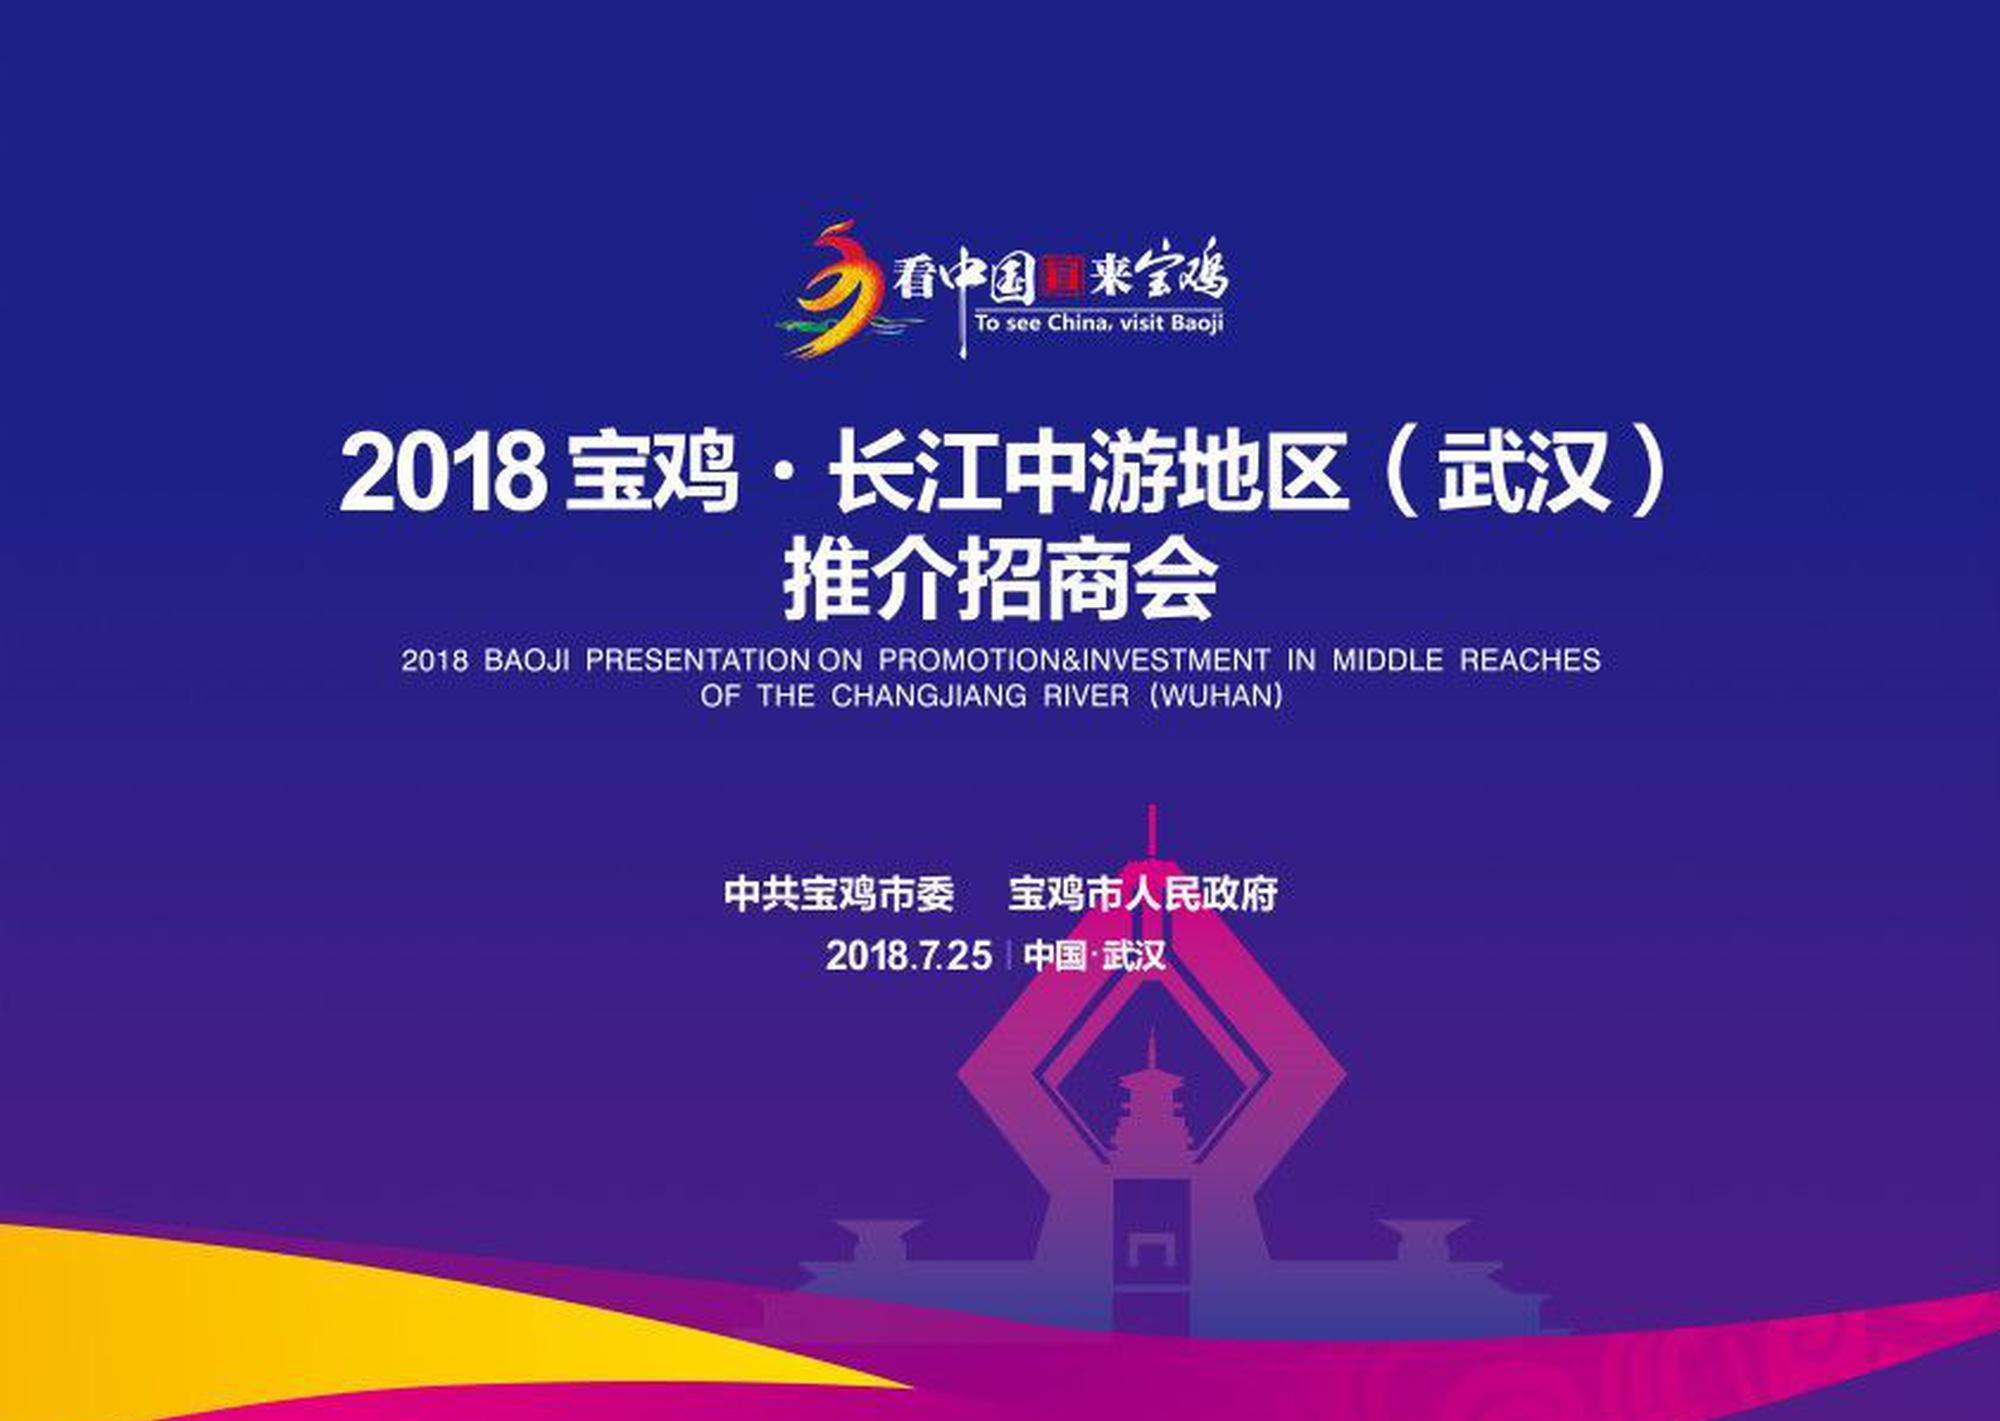 2018宝鸡•长江中游招商会武汉举行